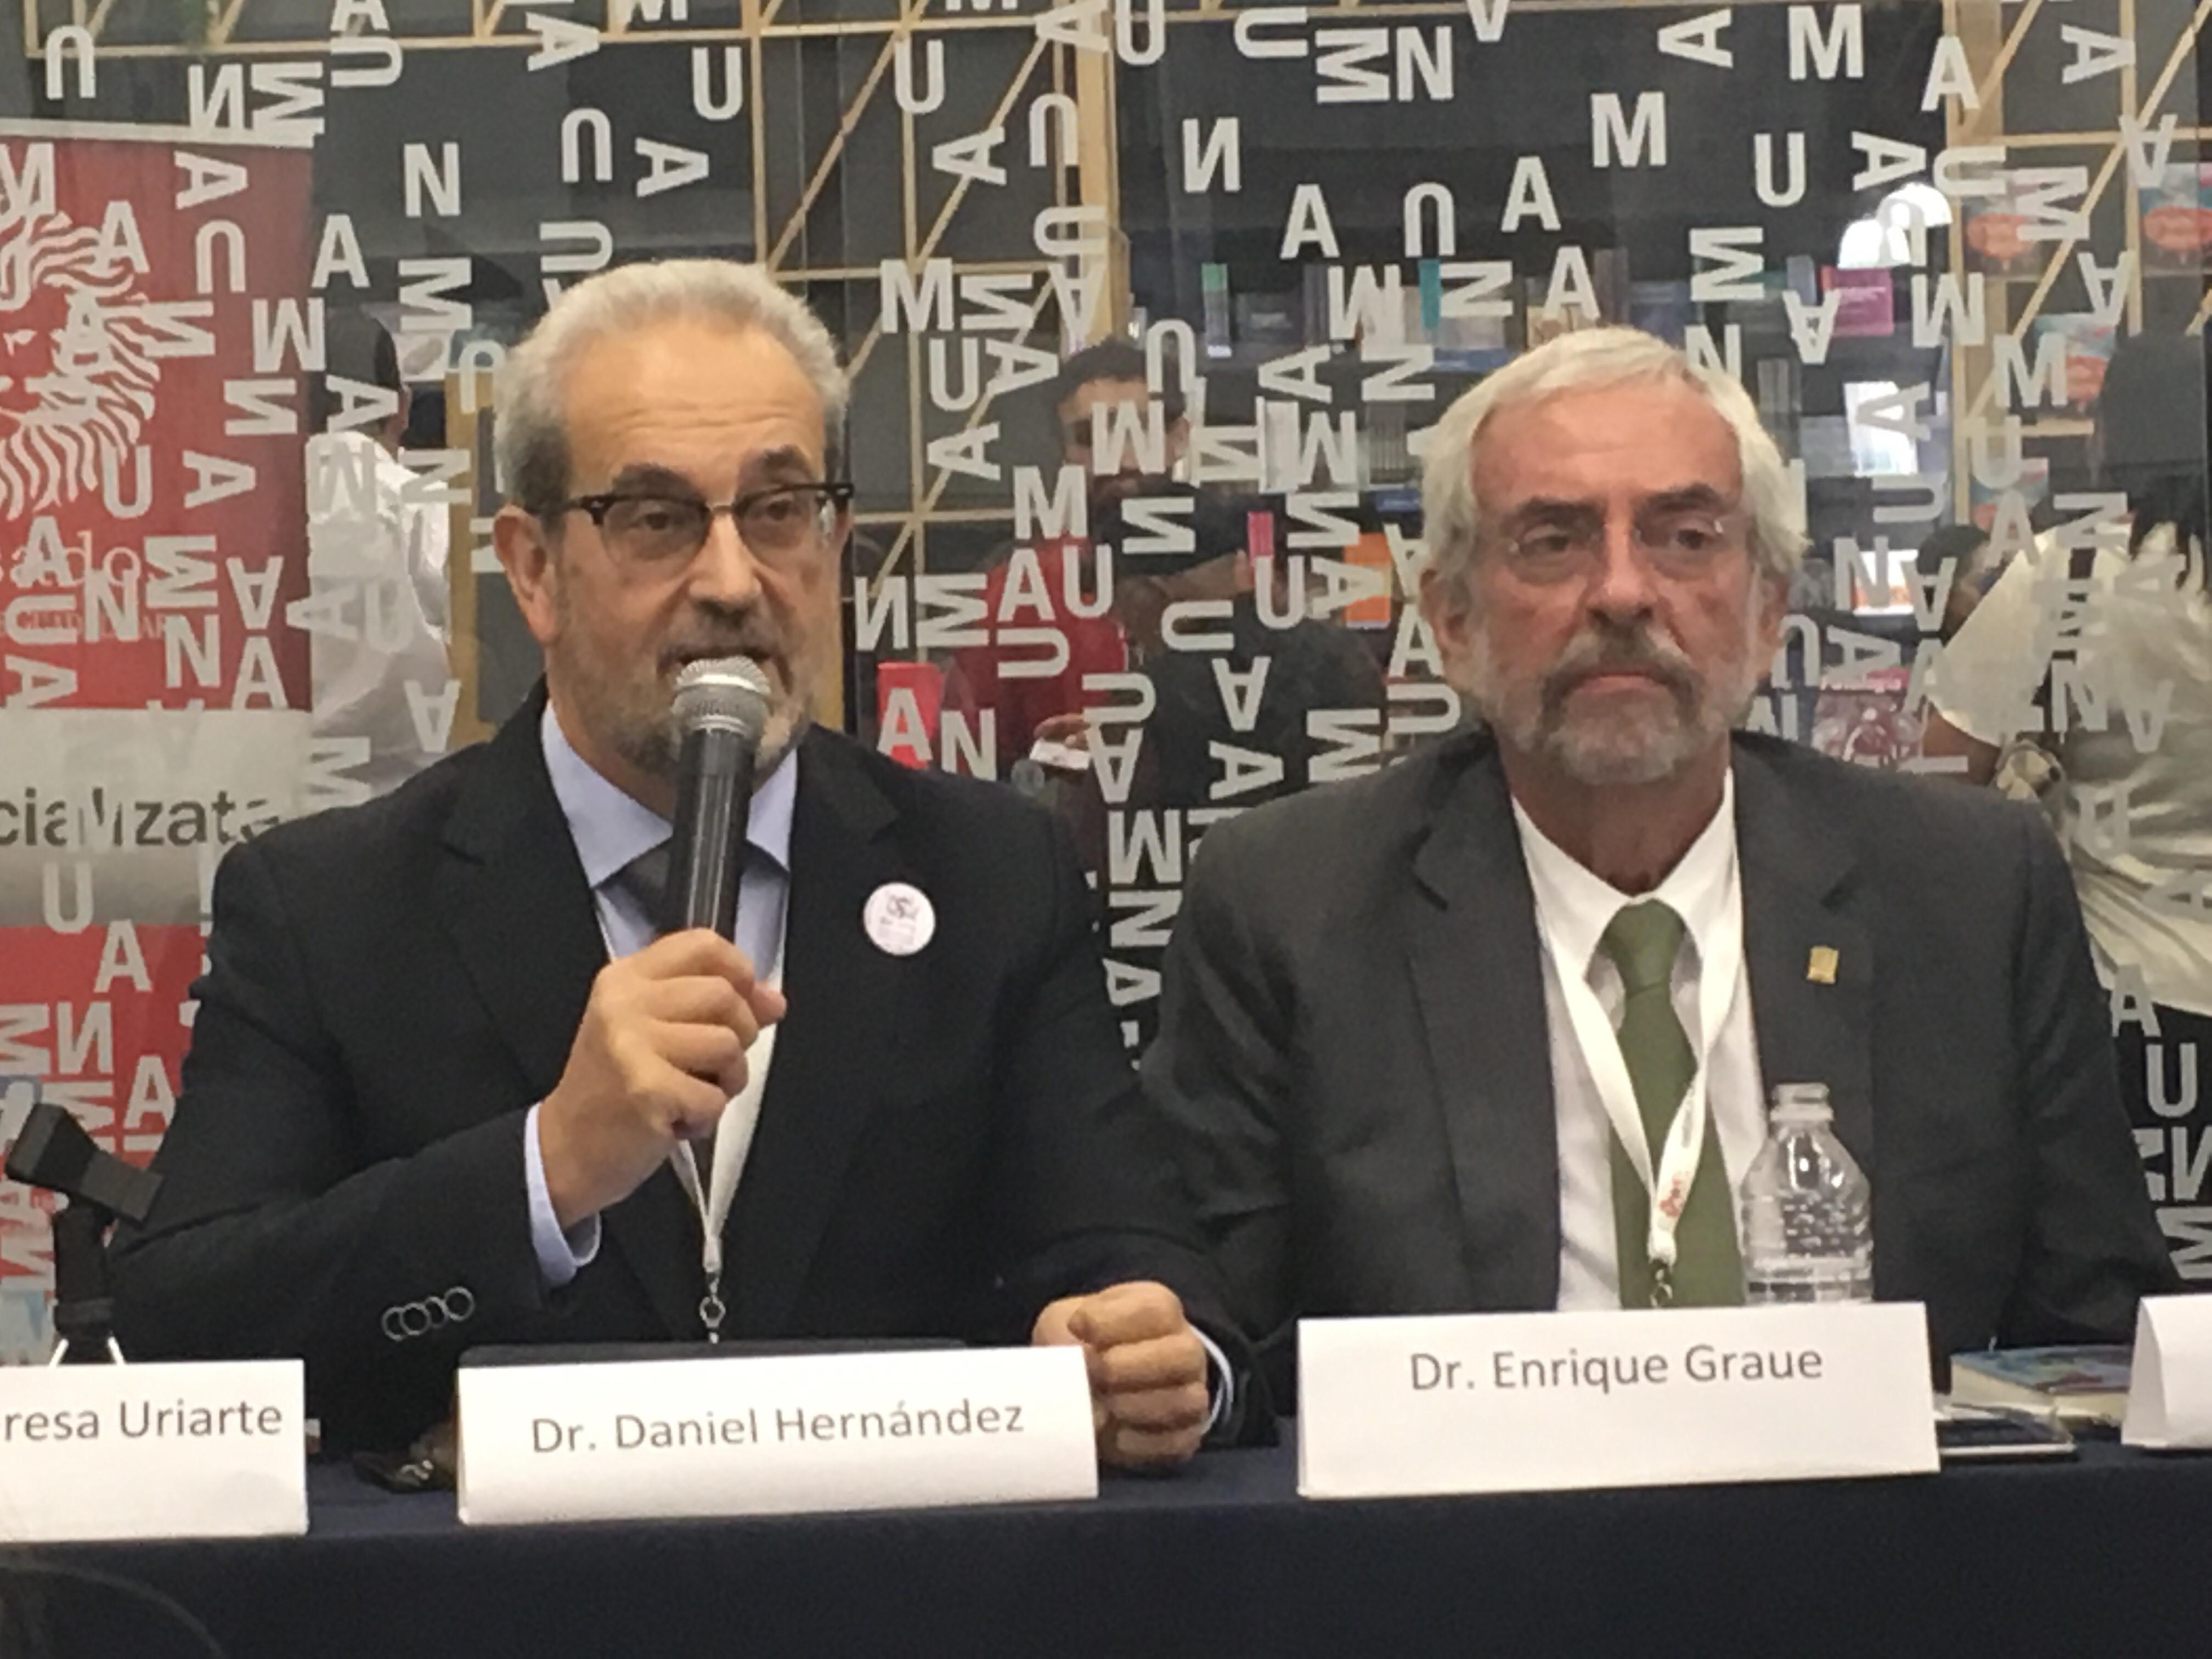 La Universidad de Salamanca será la invitada de honor en la I Feria Internacional del Libro Universitario que se celebrará en México en el verano de 2017